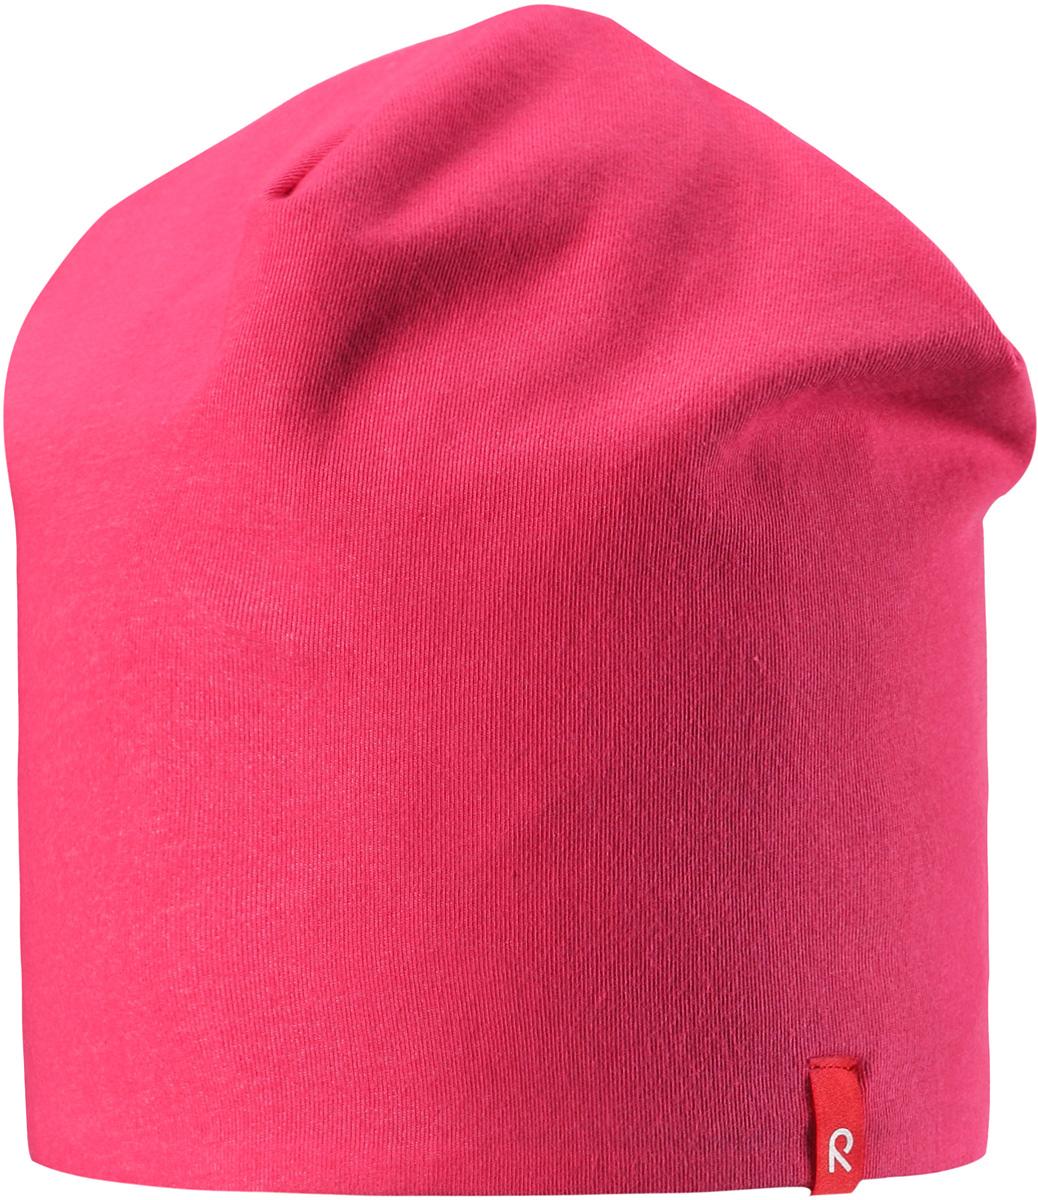 Шапка детская5285133360Легкая двухсторонняя шапочка для малышей яркой расцветки с УФ-защитой 40+. Шапка изготовлена из дышащего и быстросохнущего материла Play Jersey, эффективно выводящего влагу с кожи.